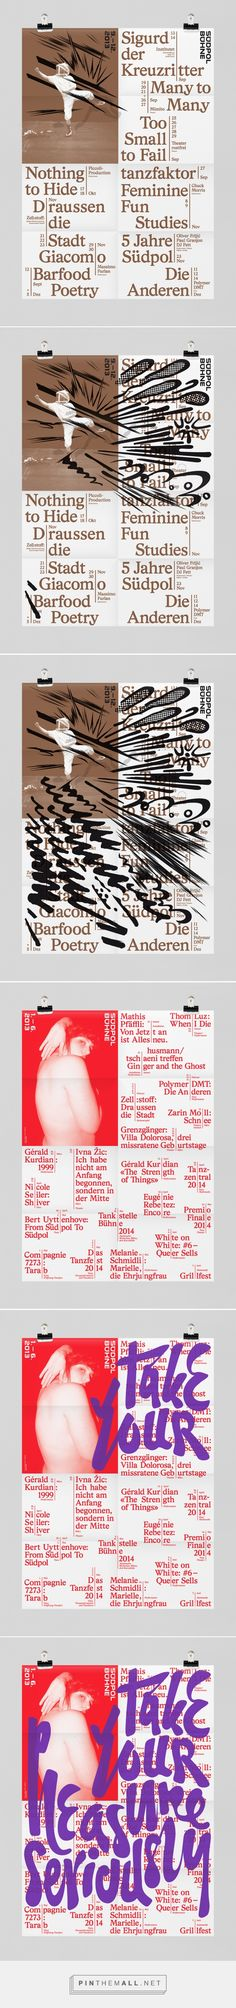 Südpol Theater Poster – Studio Feixen http://www.studiofeixen.ch/sudpol-theater-poster/ - created via https://pinthemall.net